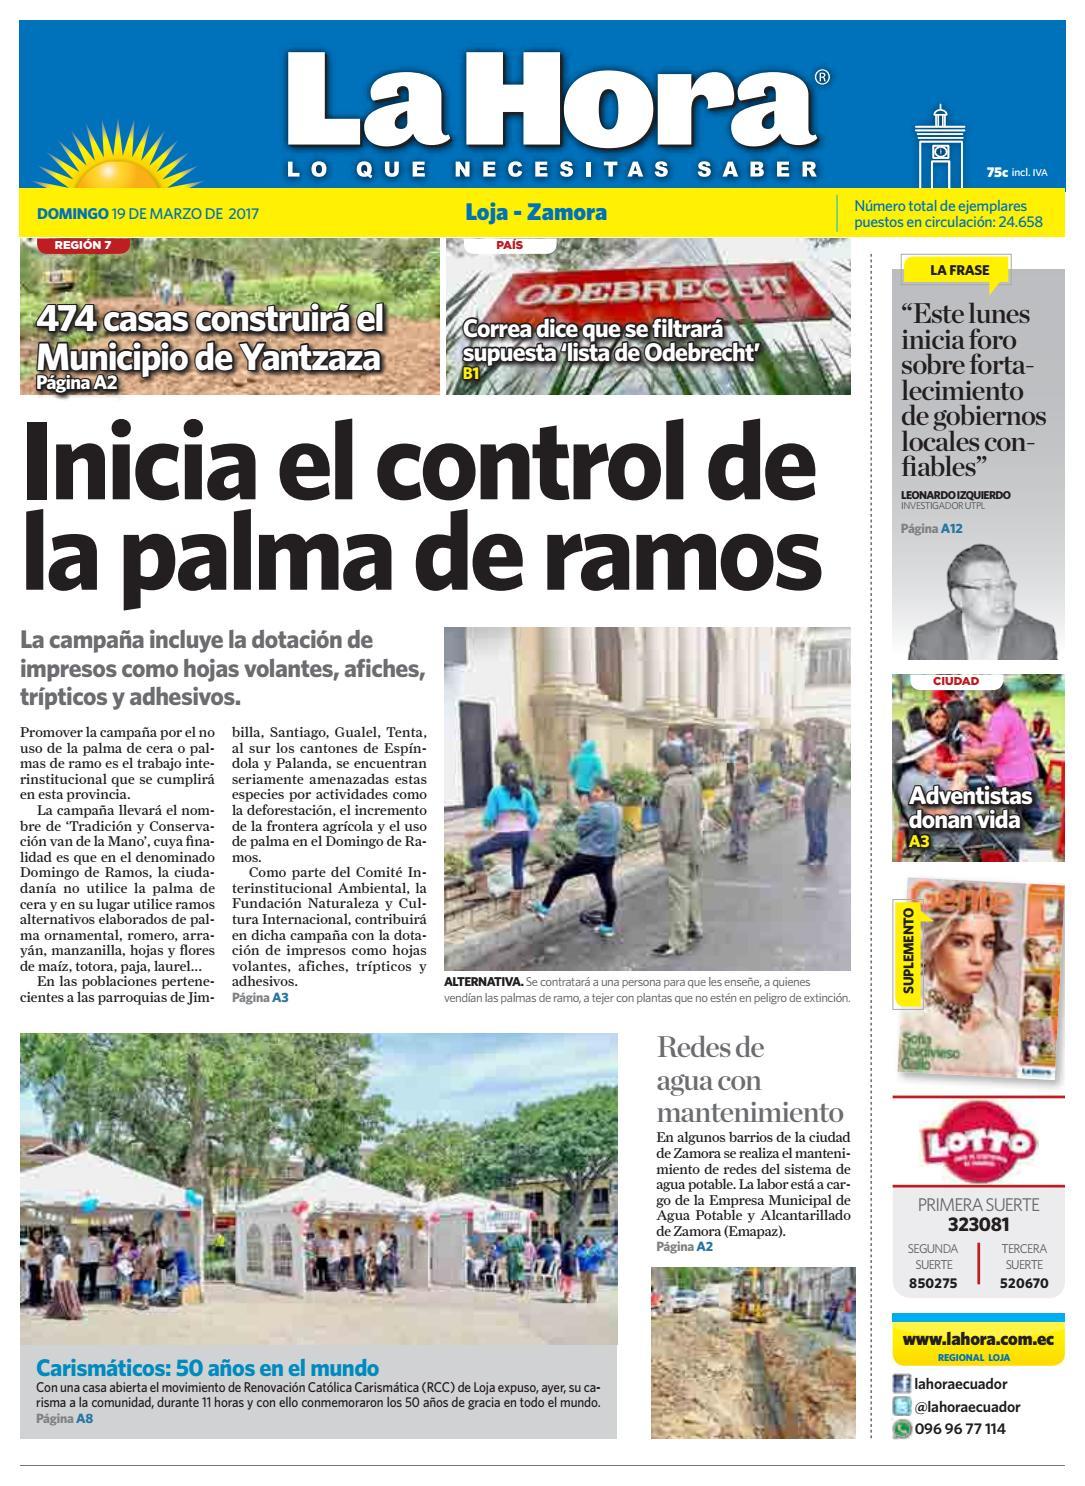 7f206c55d3880 Diario La Hora Loja 19 de Marzo 2017 by Diario La Hora Ecuador - issuu